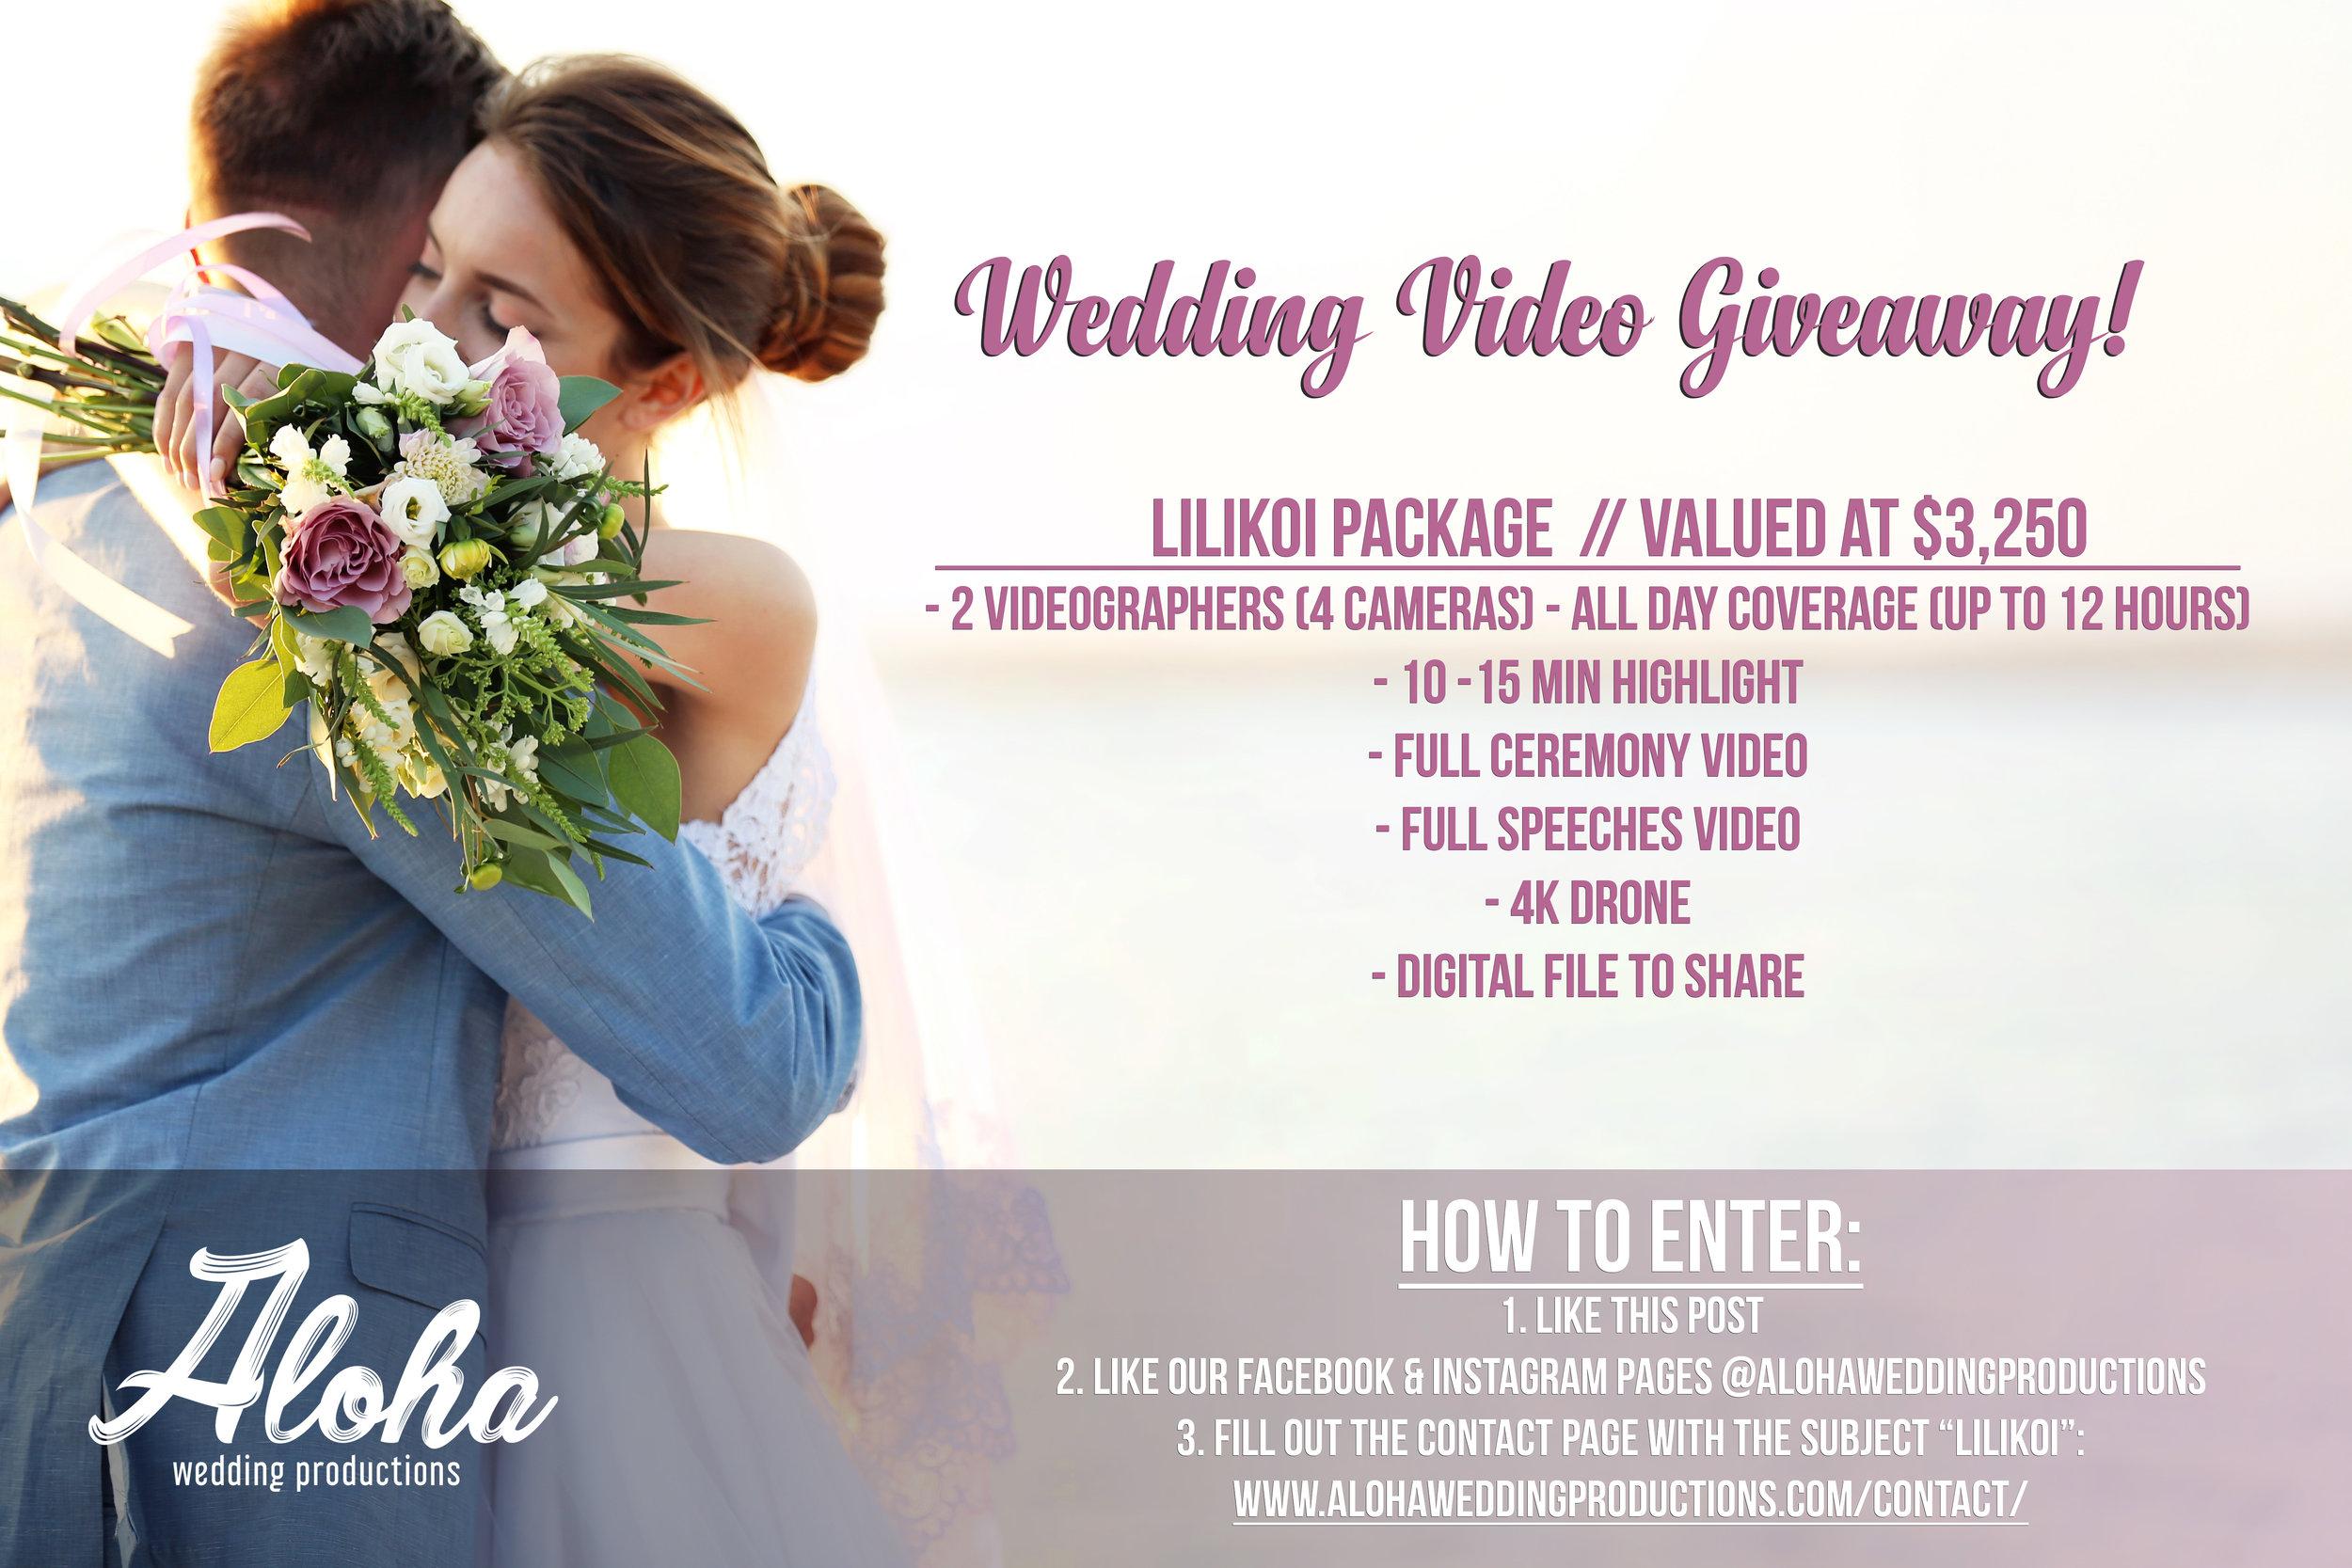 Hawaii Wedding Video Giveaway